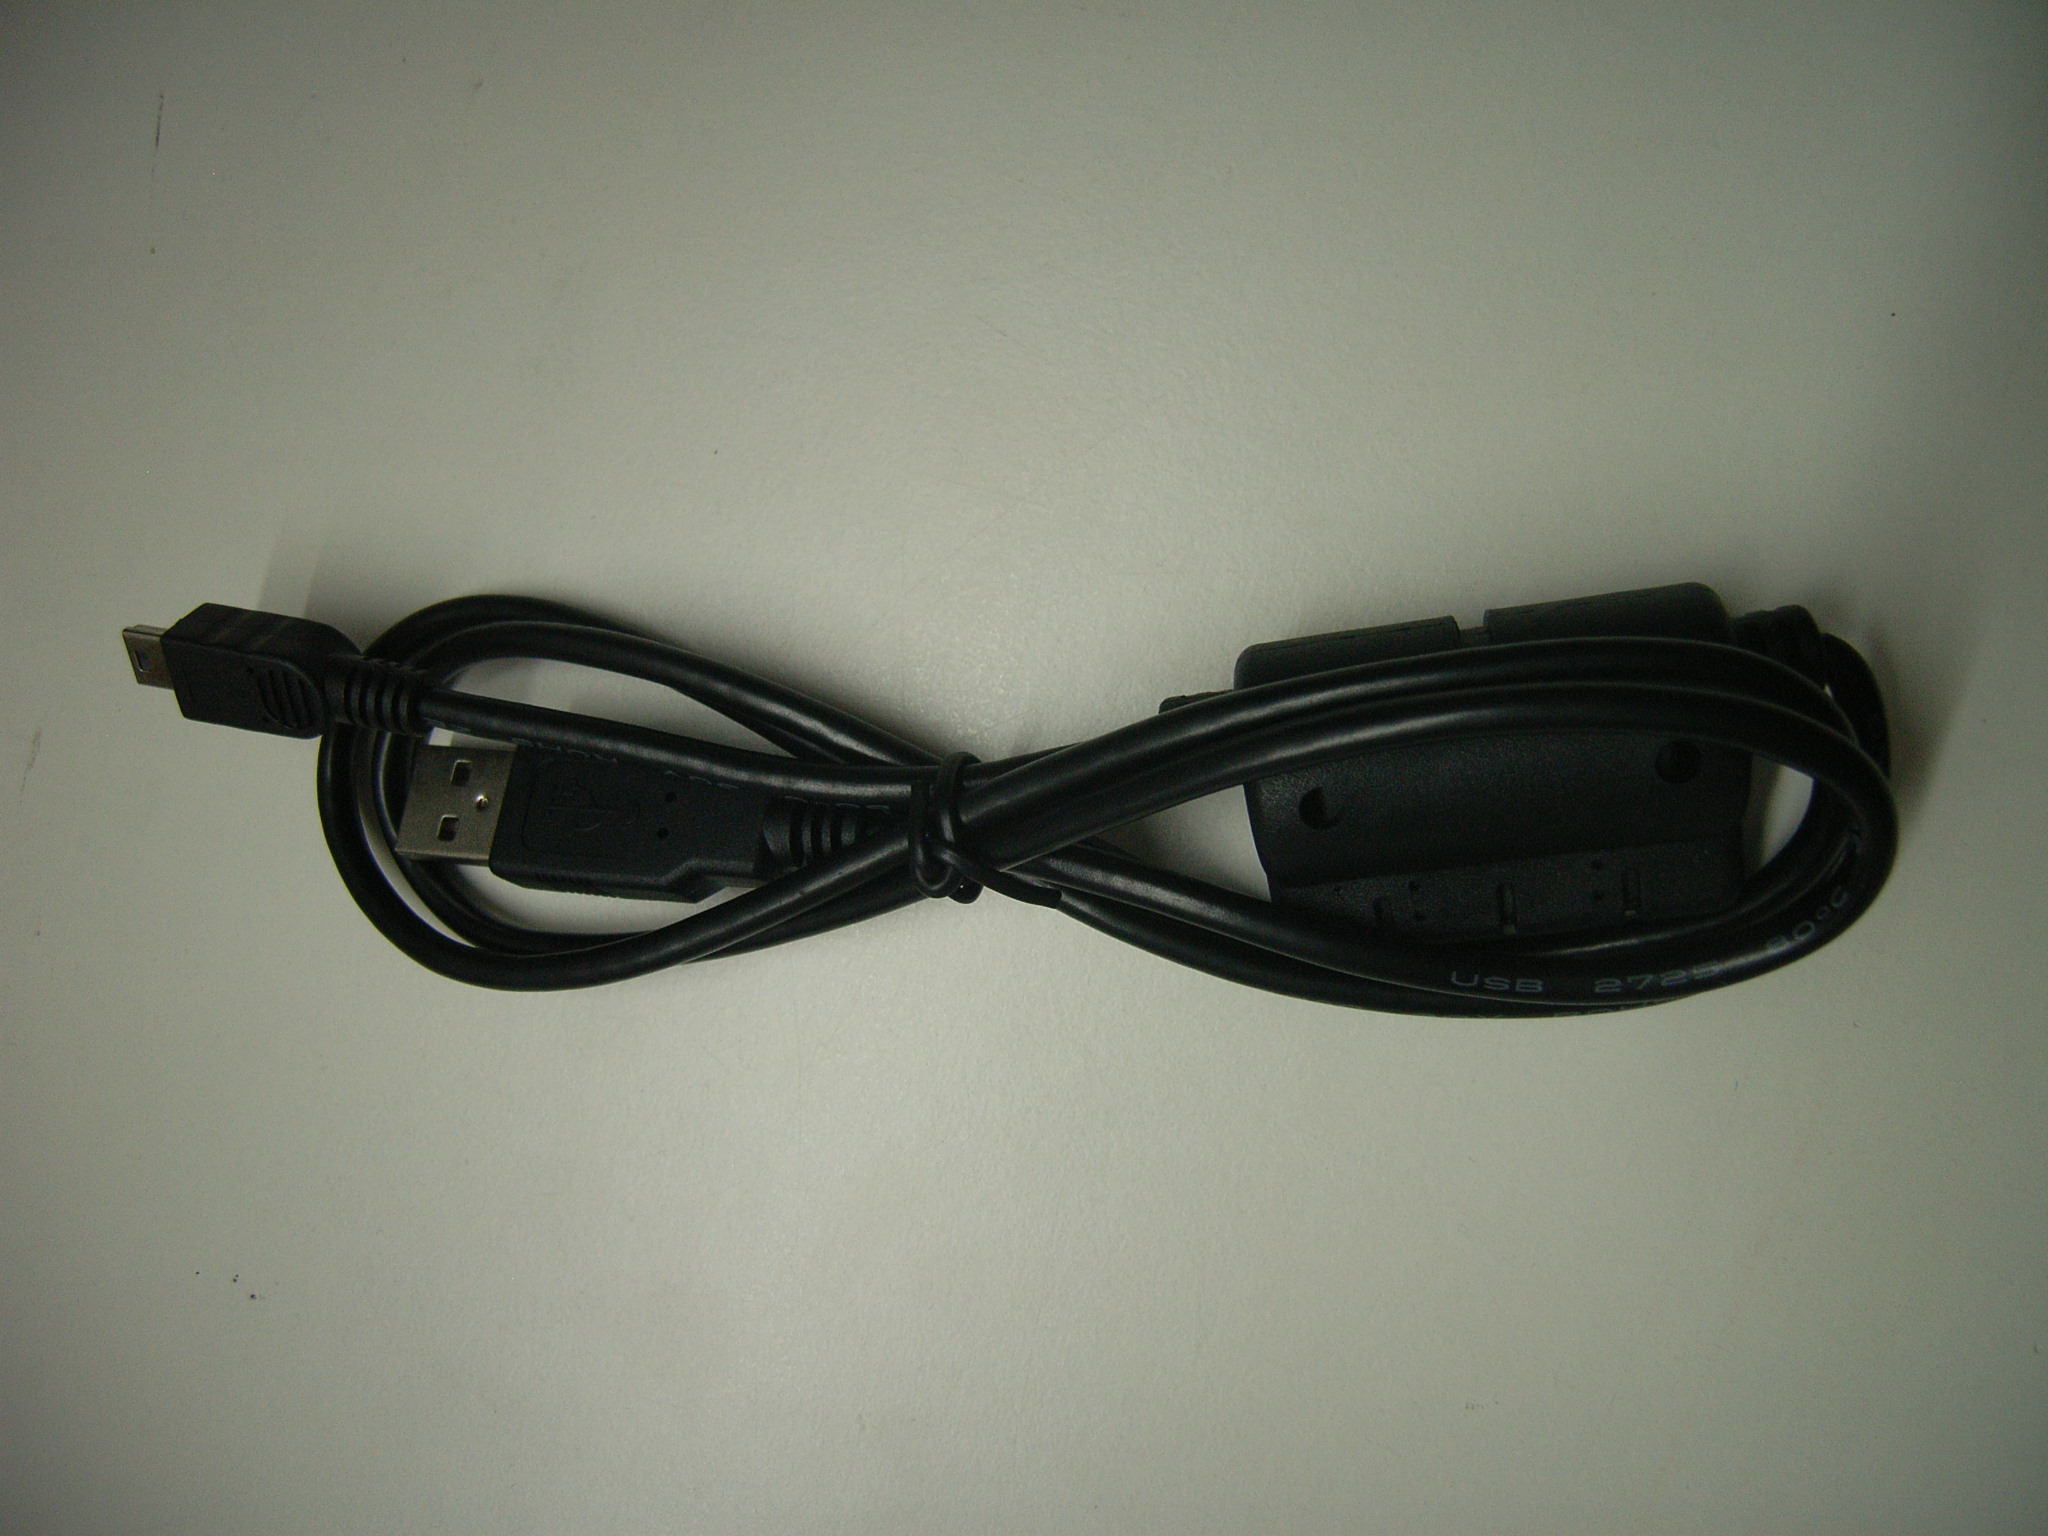 Ersatz USB-Ladekabel für Kamera AC01